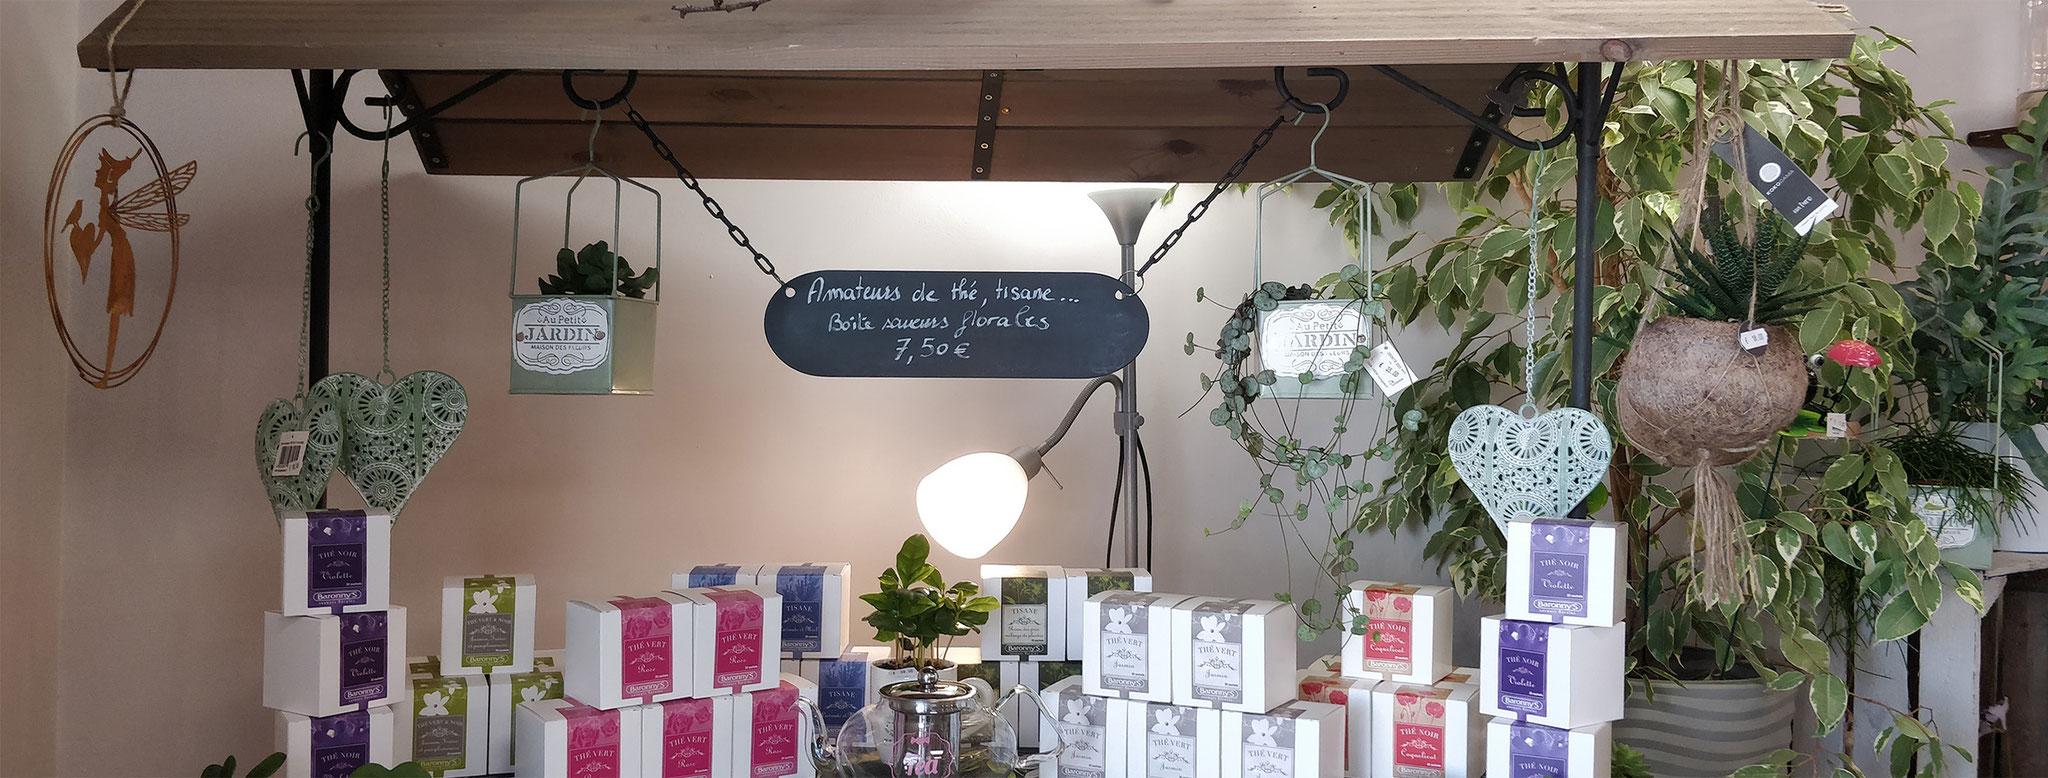 Thés floraux Baronny's